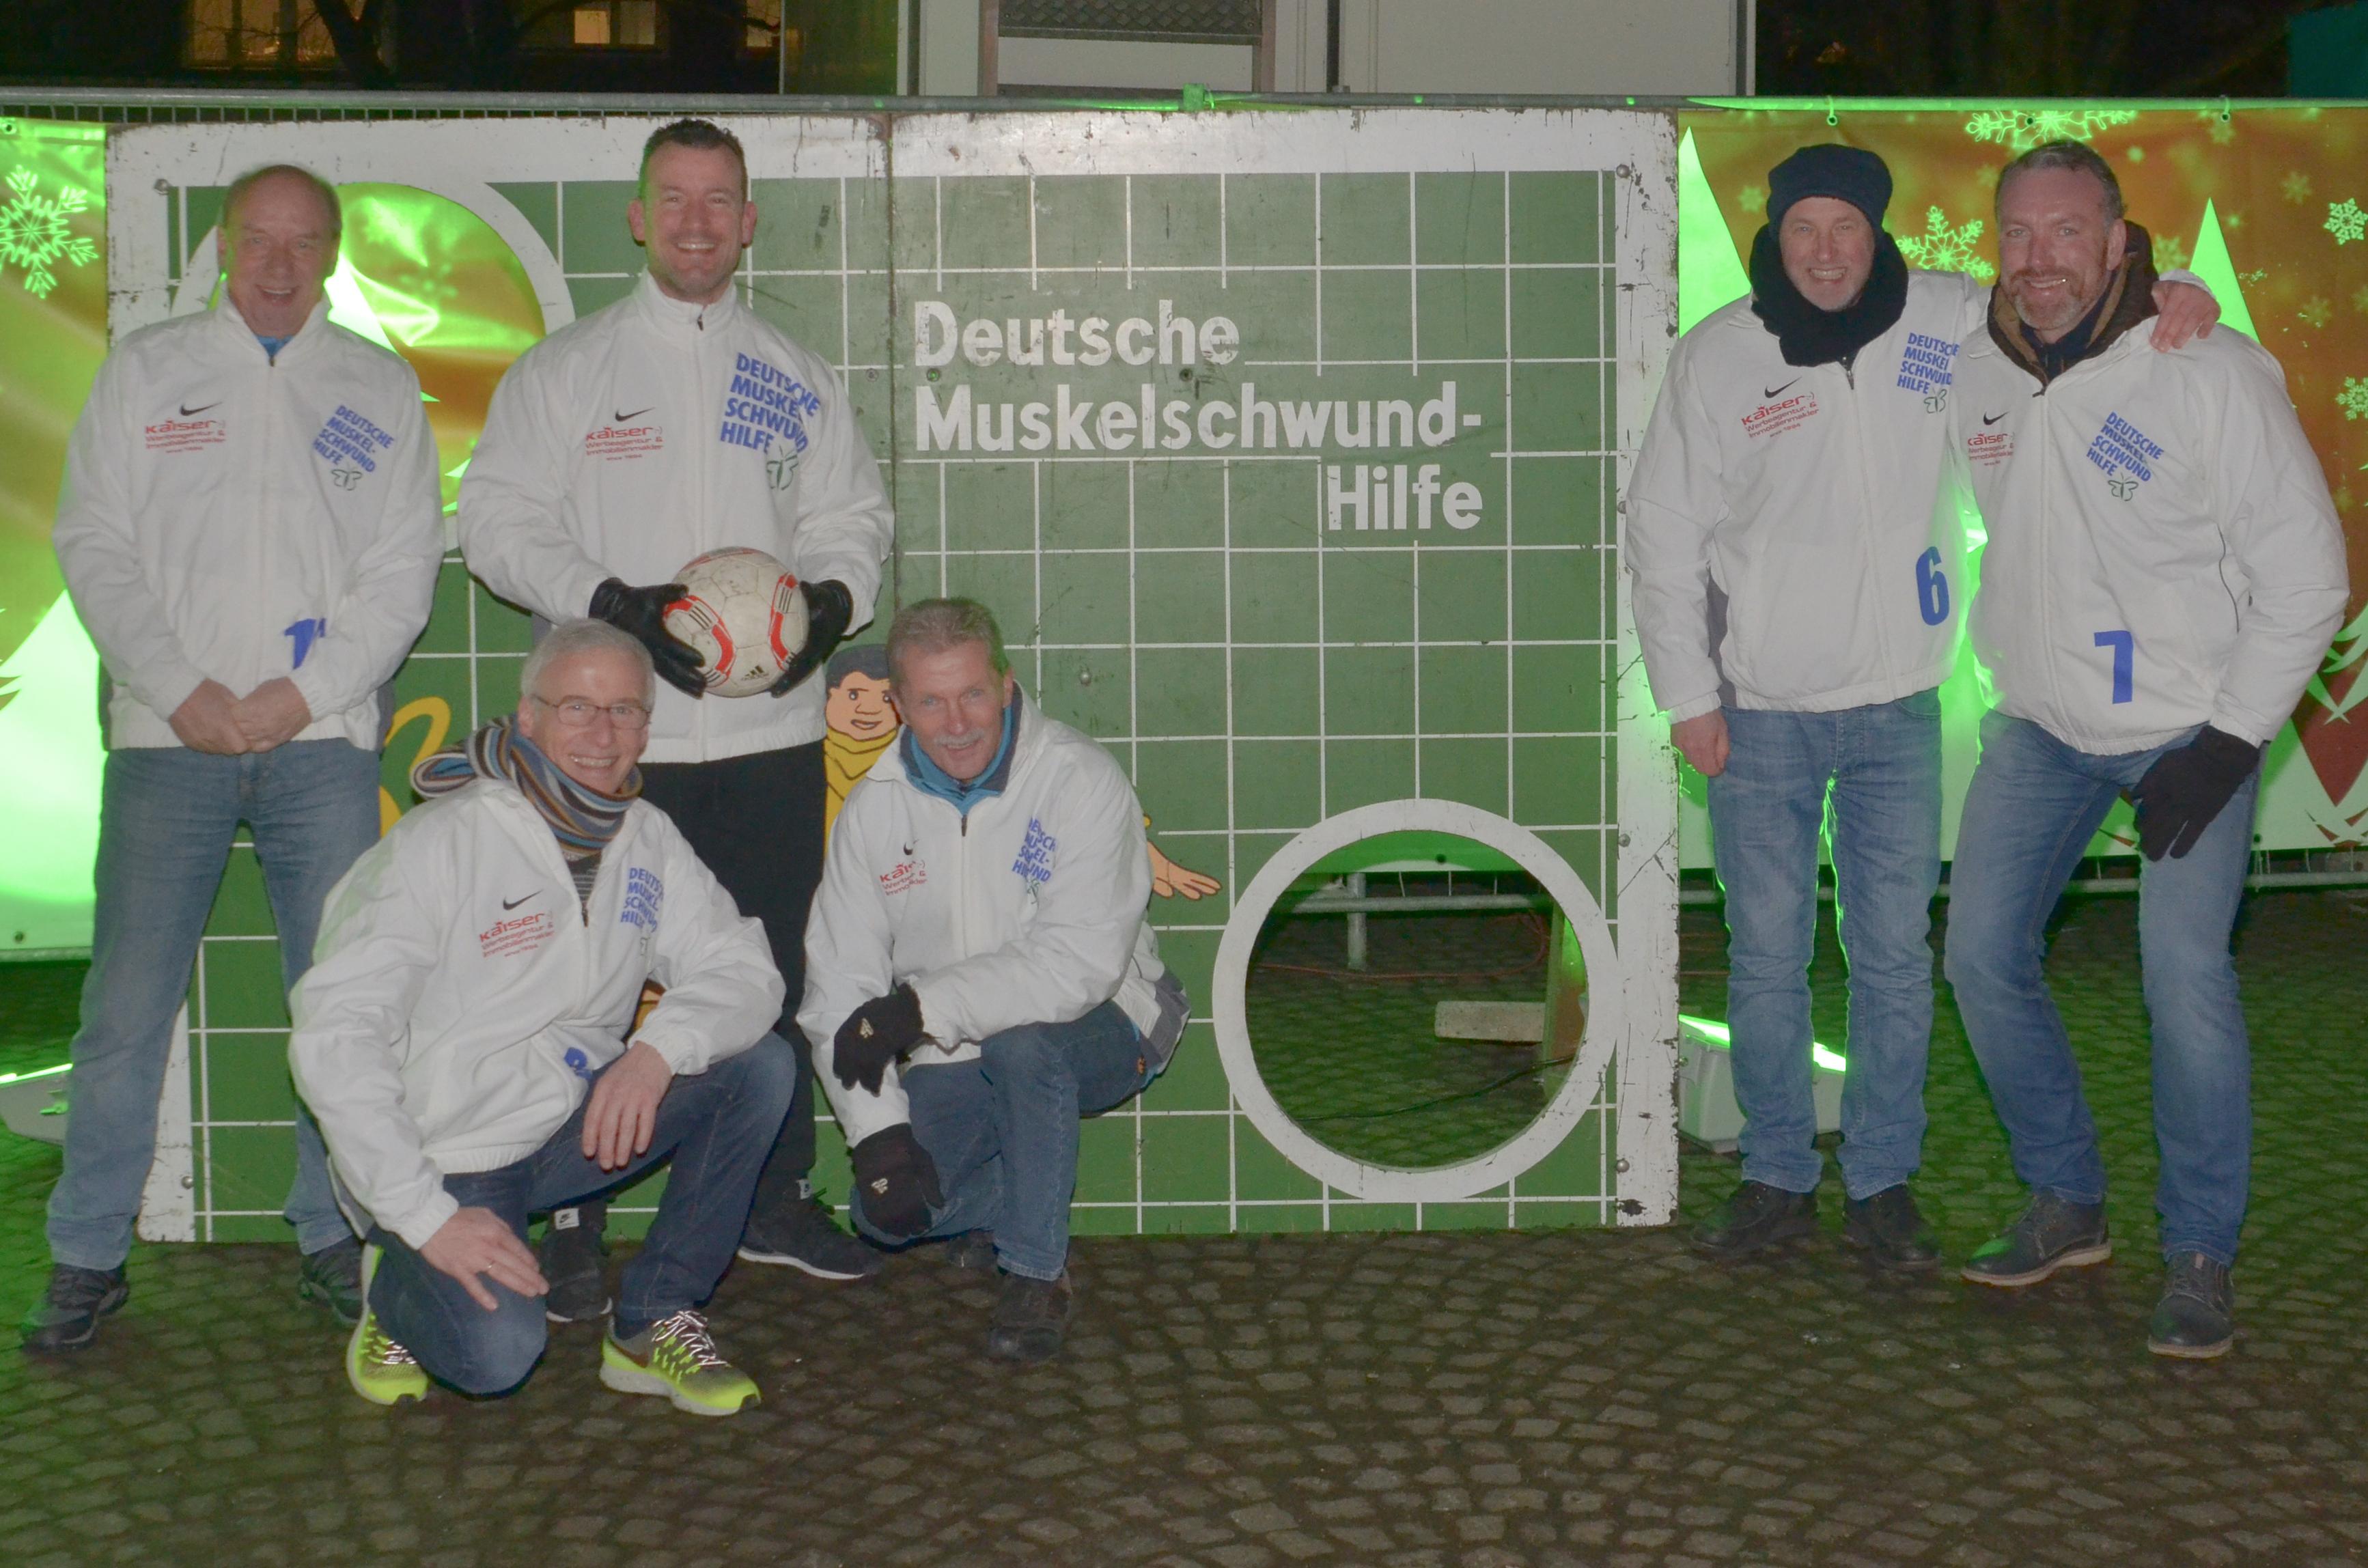 Kaiser Werbung -Gerd Jobmann Andreas Kaiser Marco Hörmann Jörg Duve Martin Ilker und Wolfgang Völkers (v.L.n.R.) freuen sich wie jedes Jahr auf eine erfolgreiche Torwandmeisterschaft auf dem Harburger Weihnachtsmarkt.